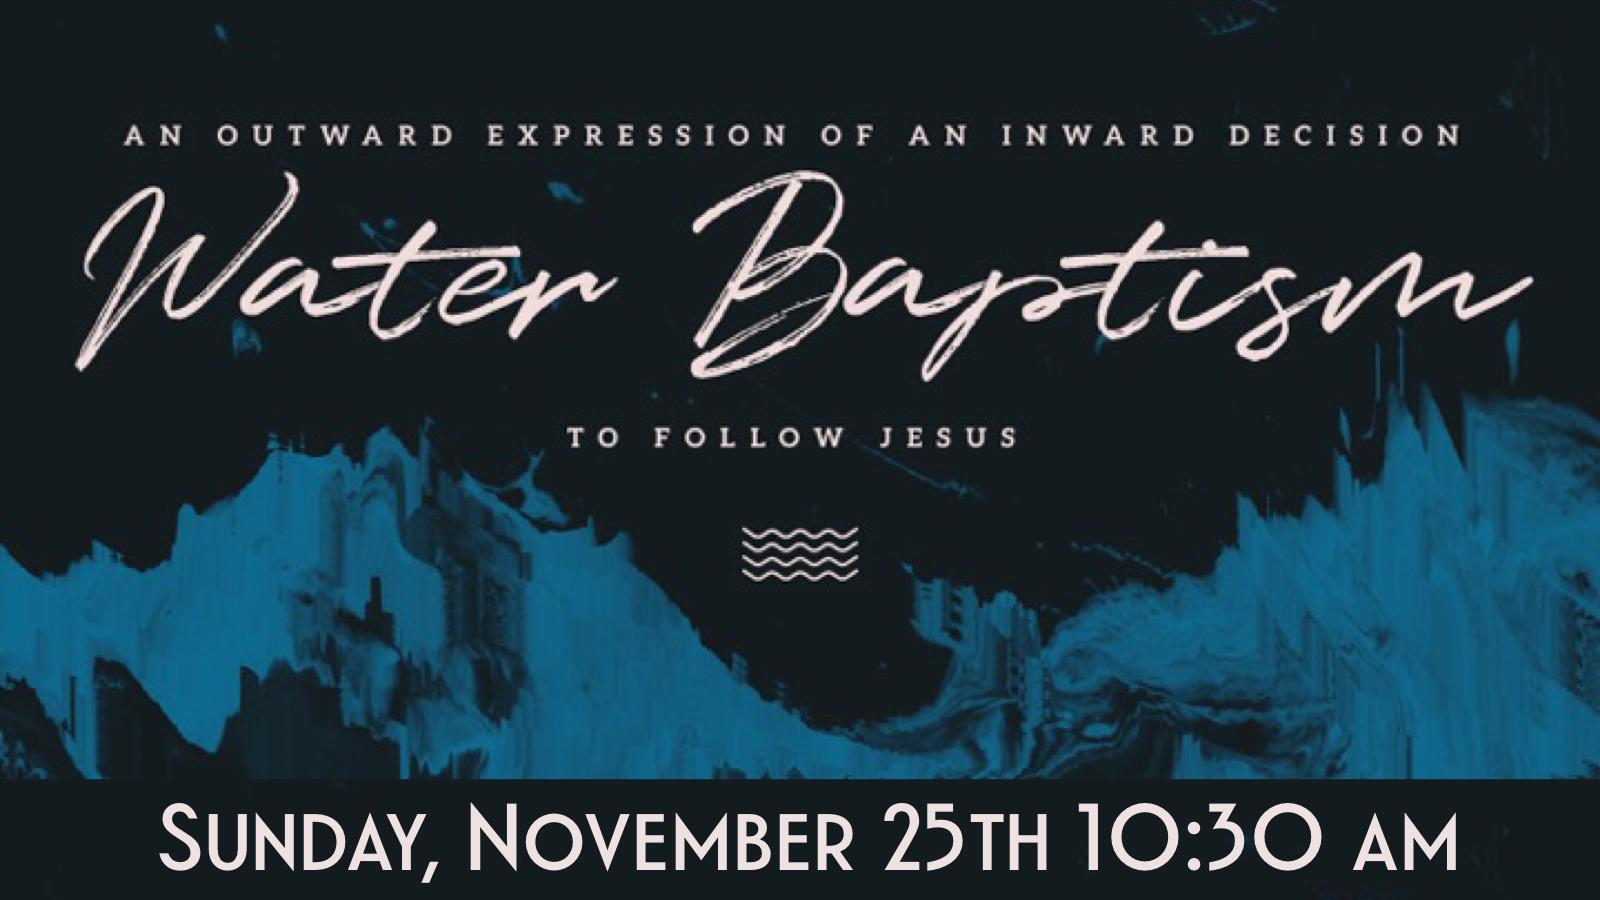 Water Baptism - Sunday, November 25th 10:30 am